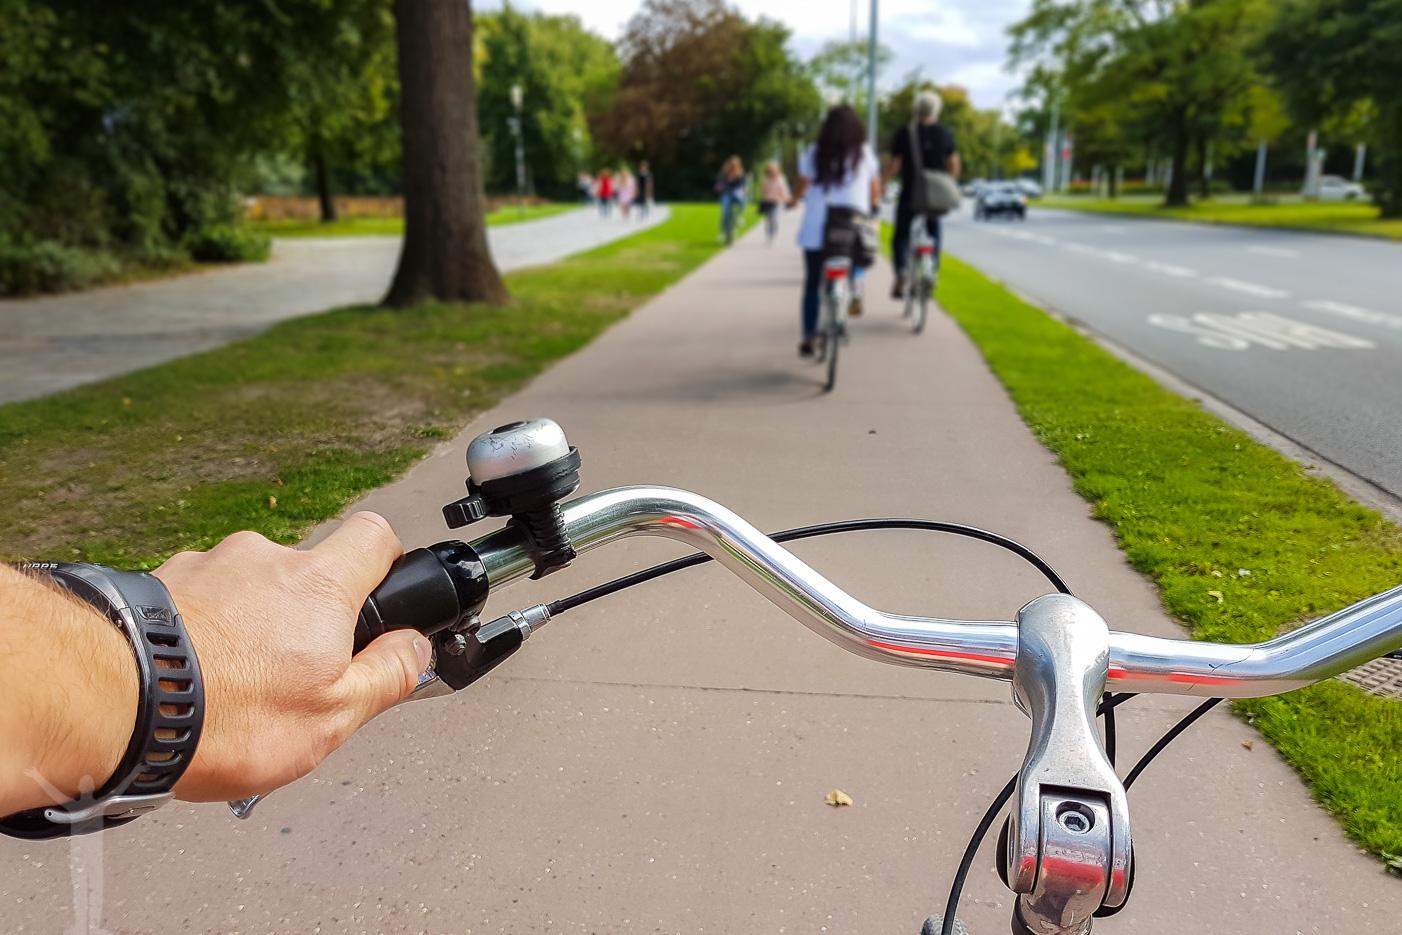 Hyr en cykel i Brygge